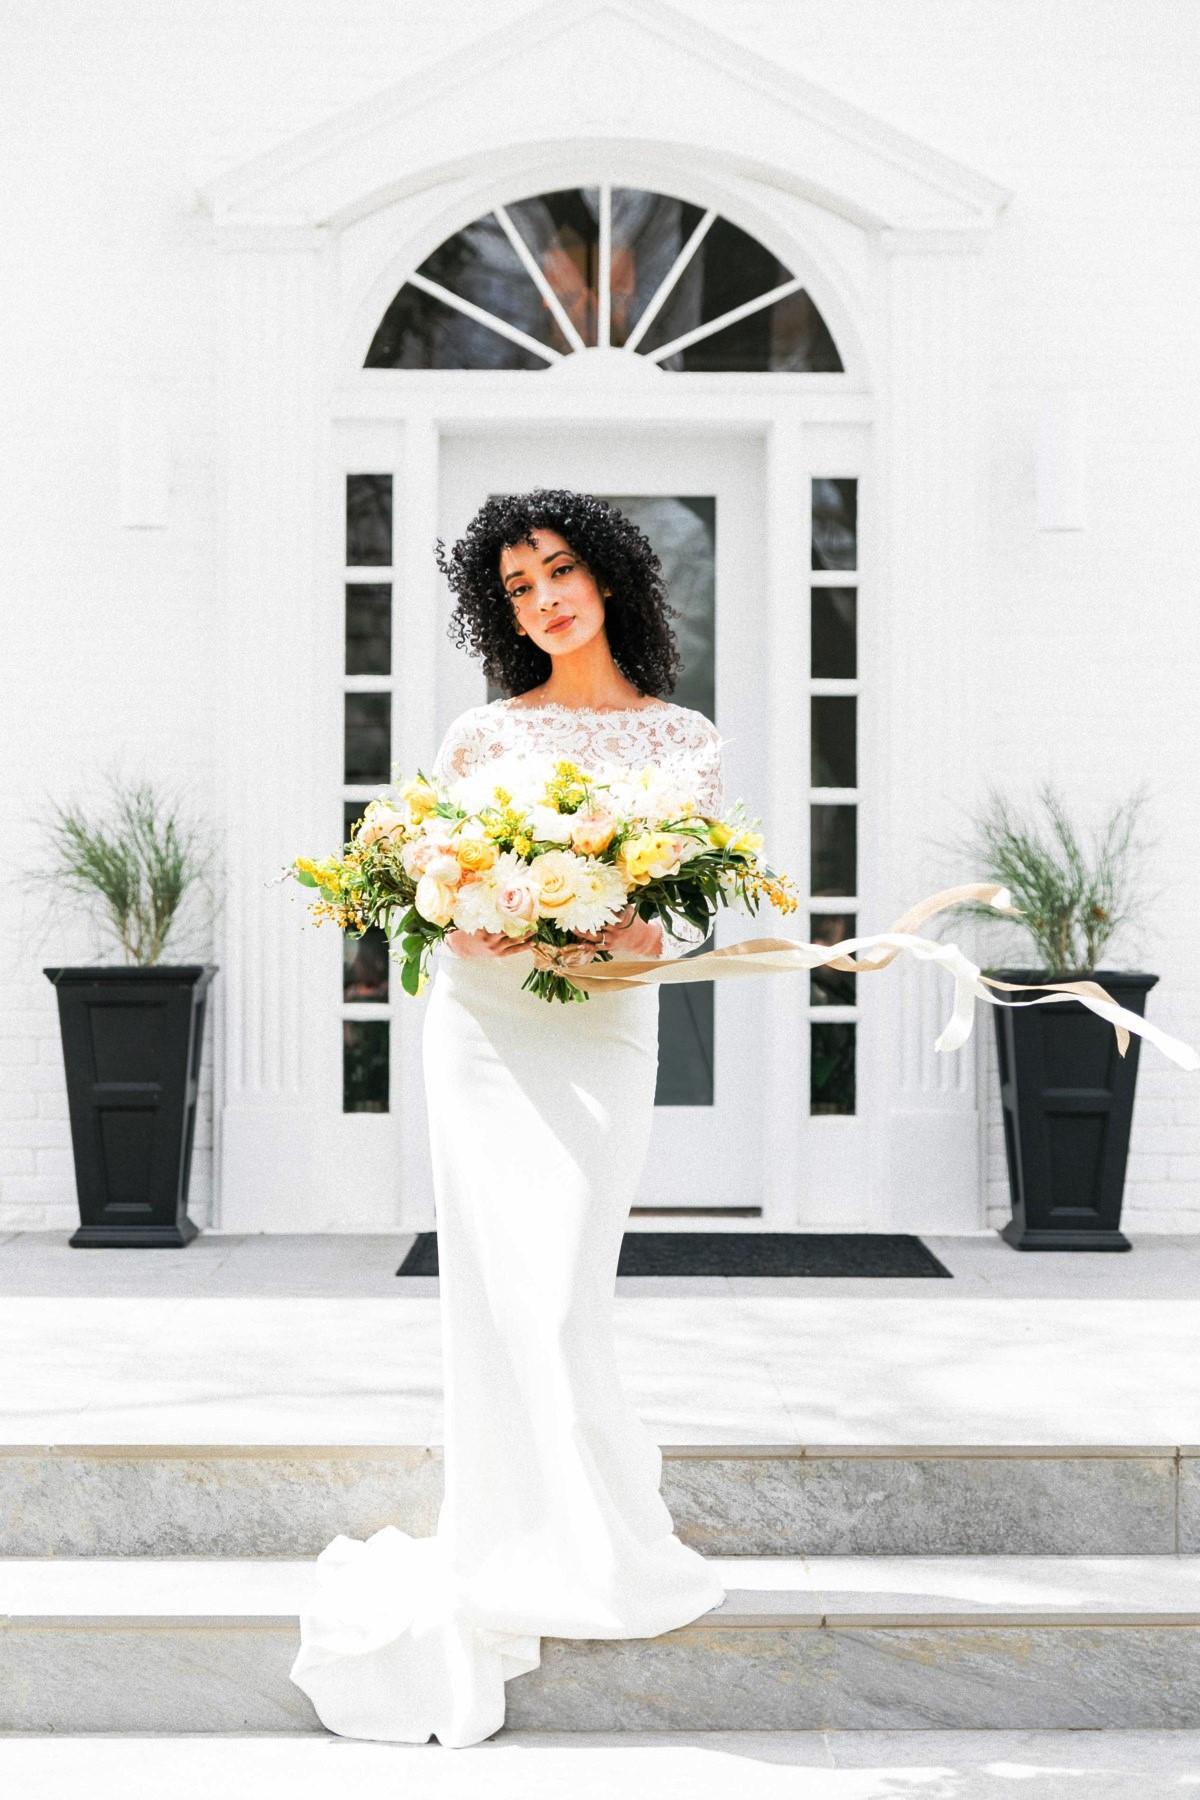 Nancy Rice Artistry - Lake Tahoe wedding hair & makeup - bride dark curly hair